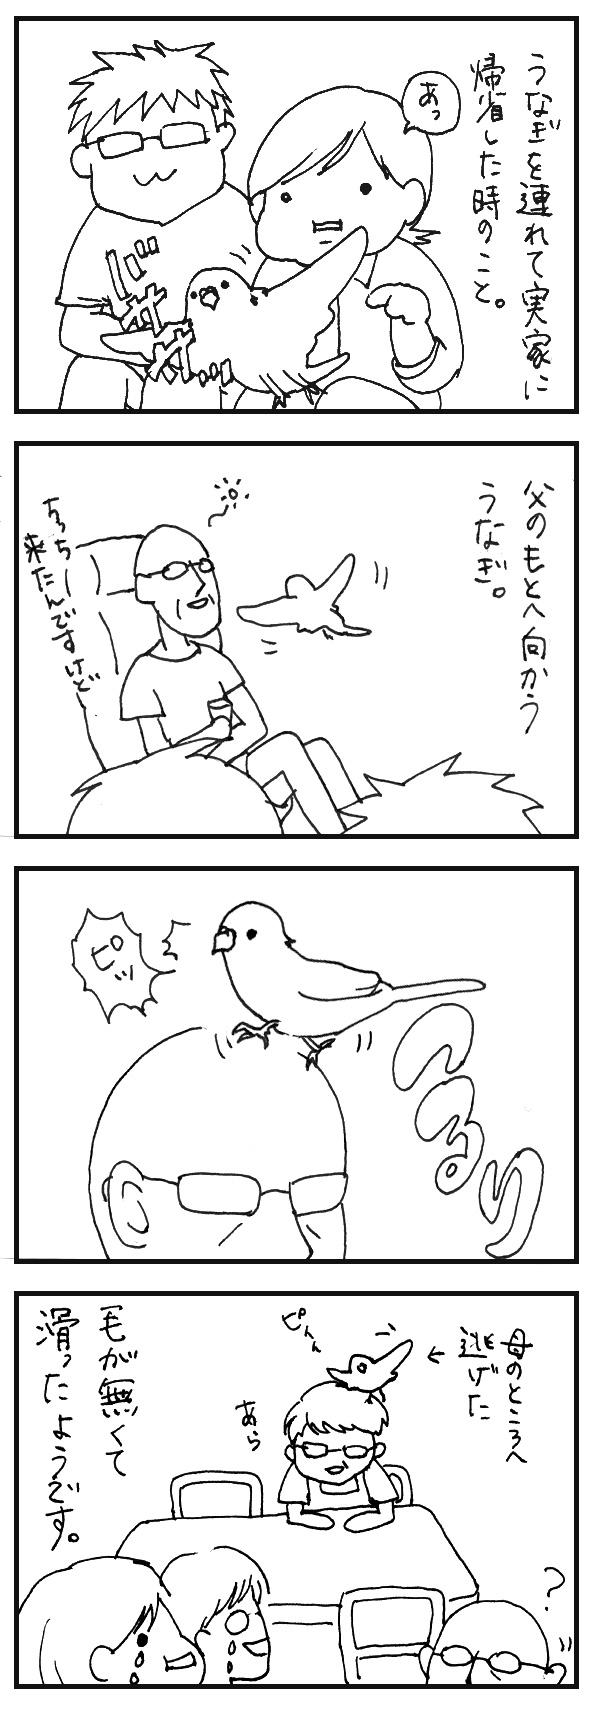 yonkoma01